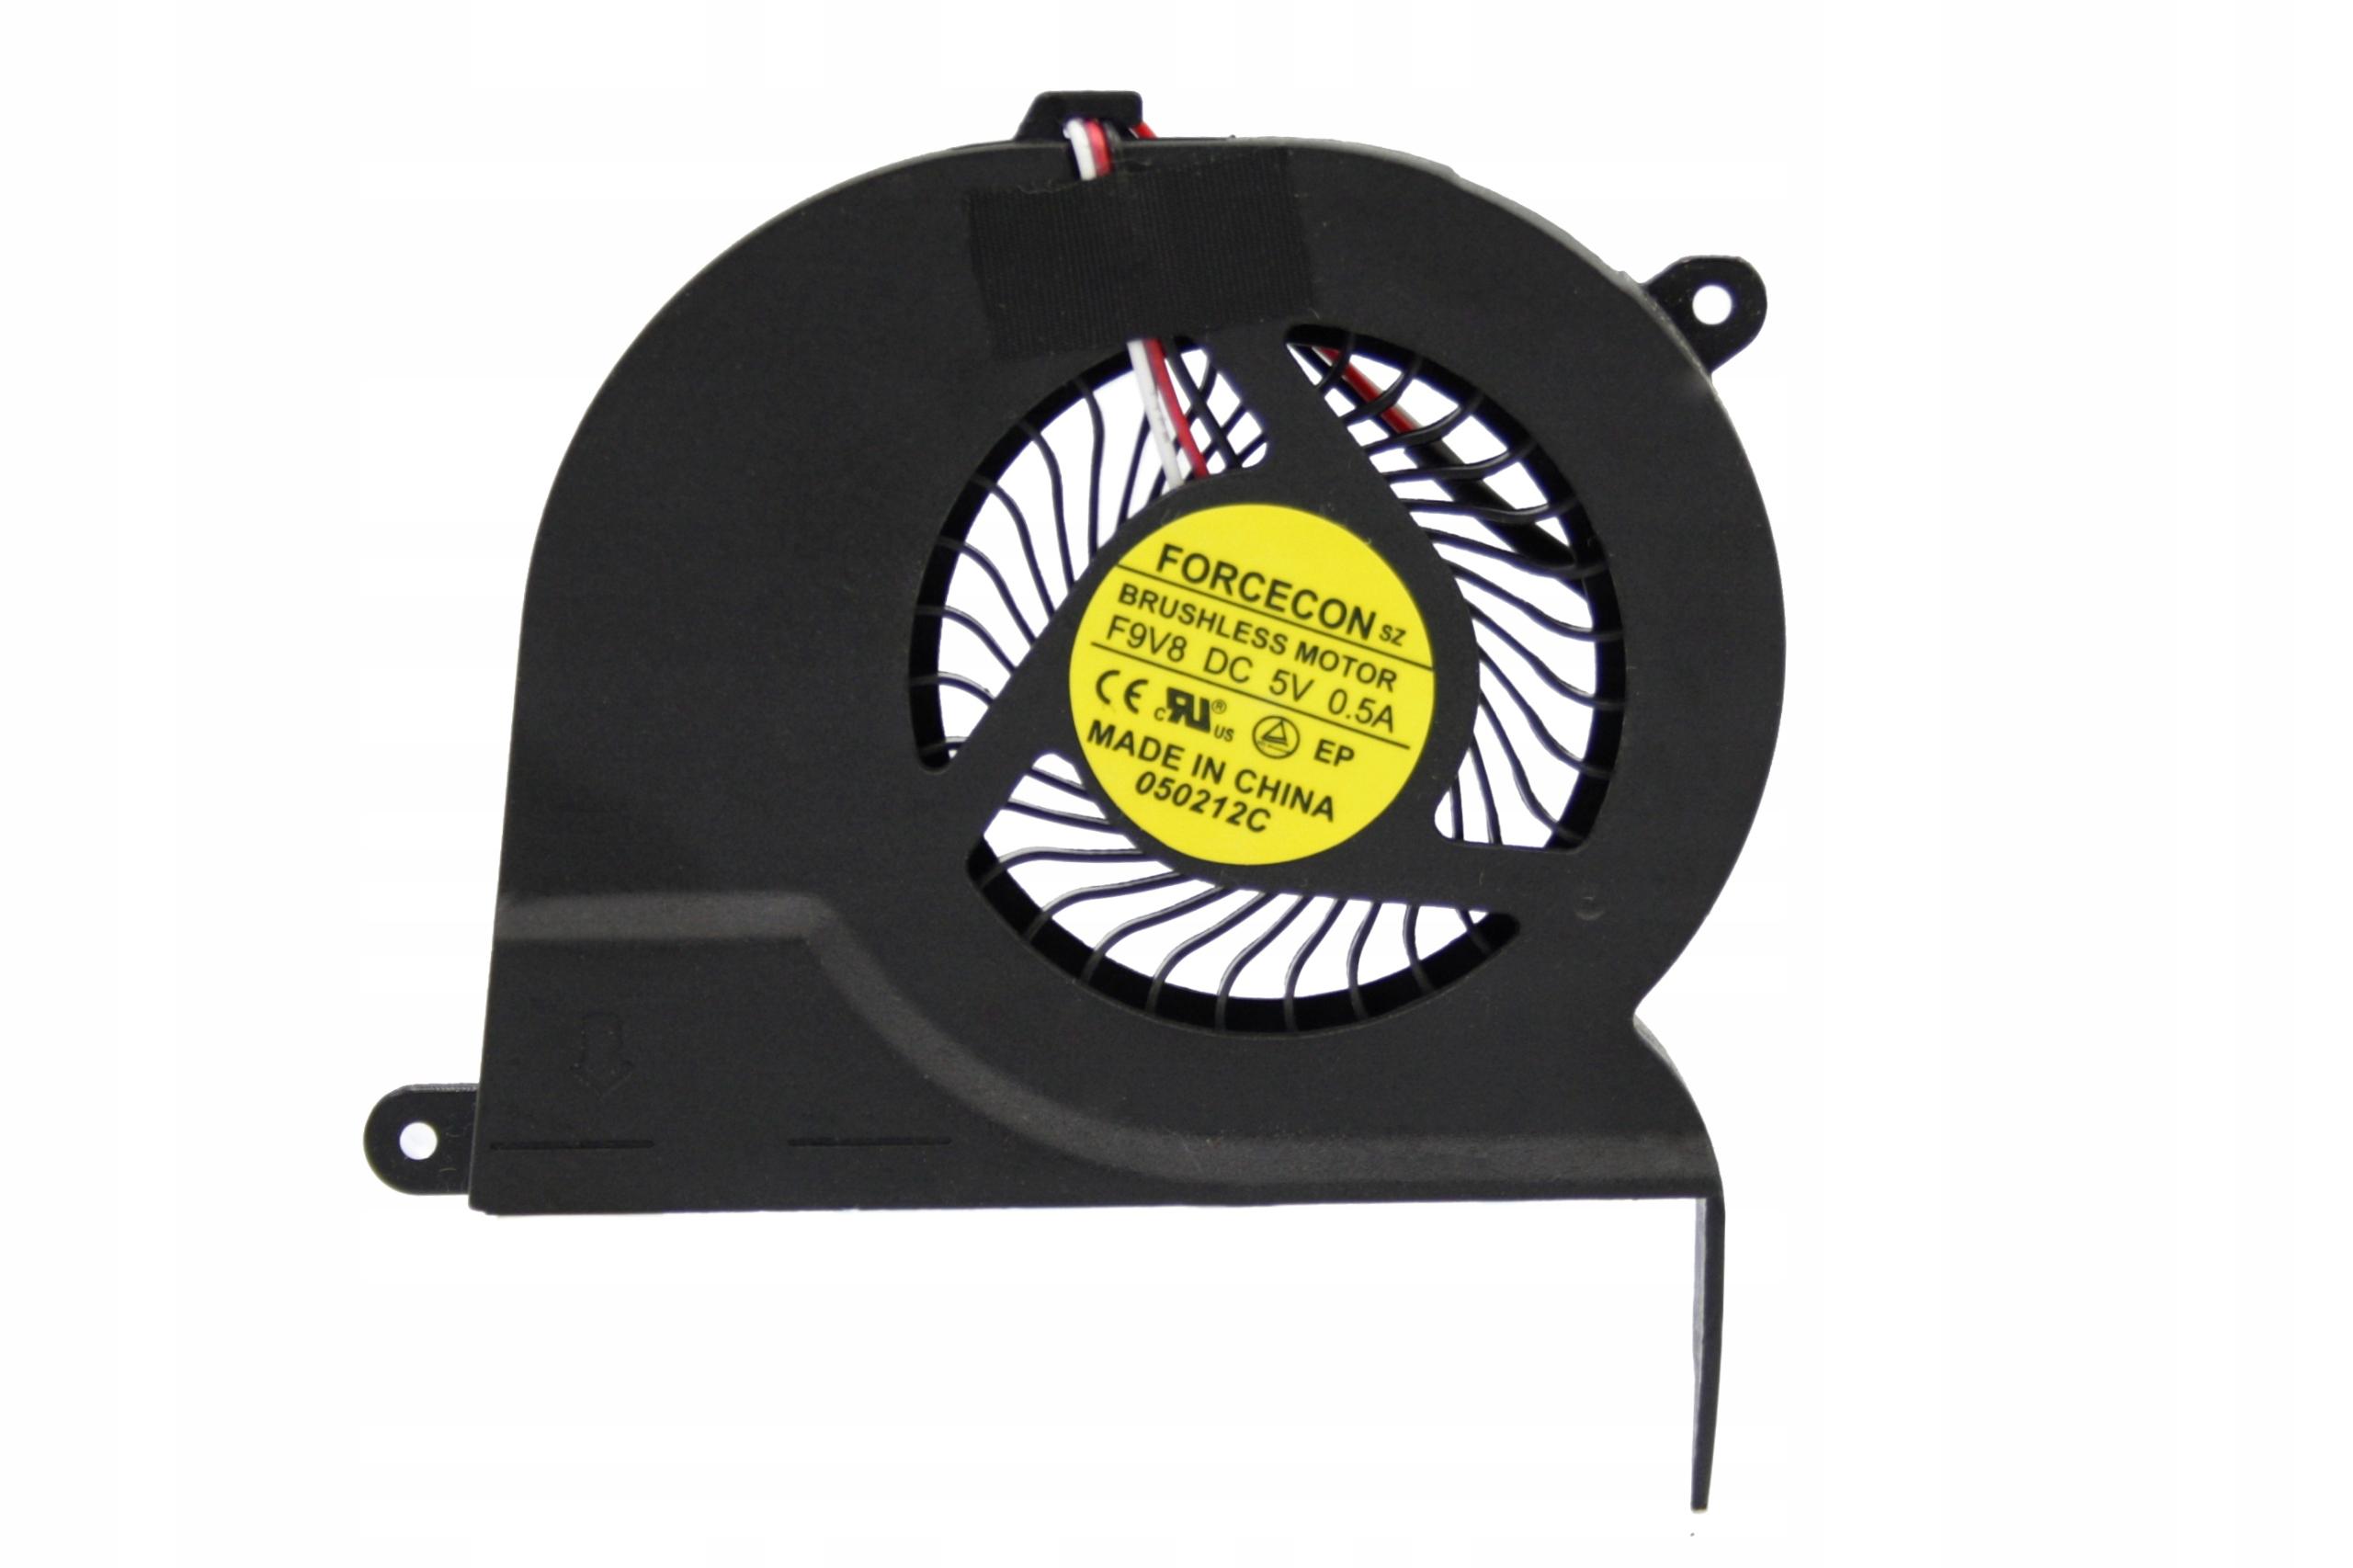 WENTYLATOR CHŁODZENIE WIATRAK SAMSUNG RC510 RC520 RC710 RV511 RV520 - Wentylatory i radiatory